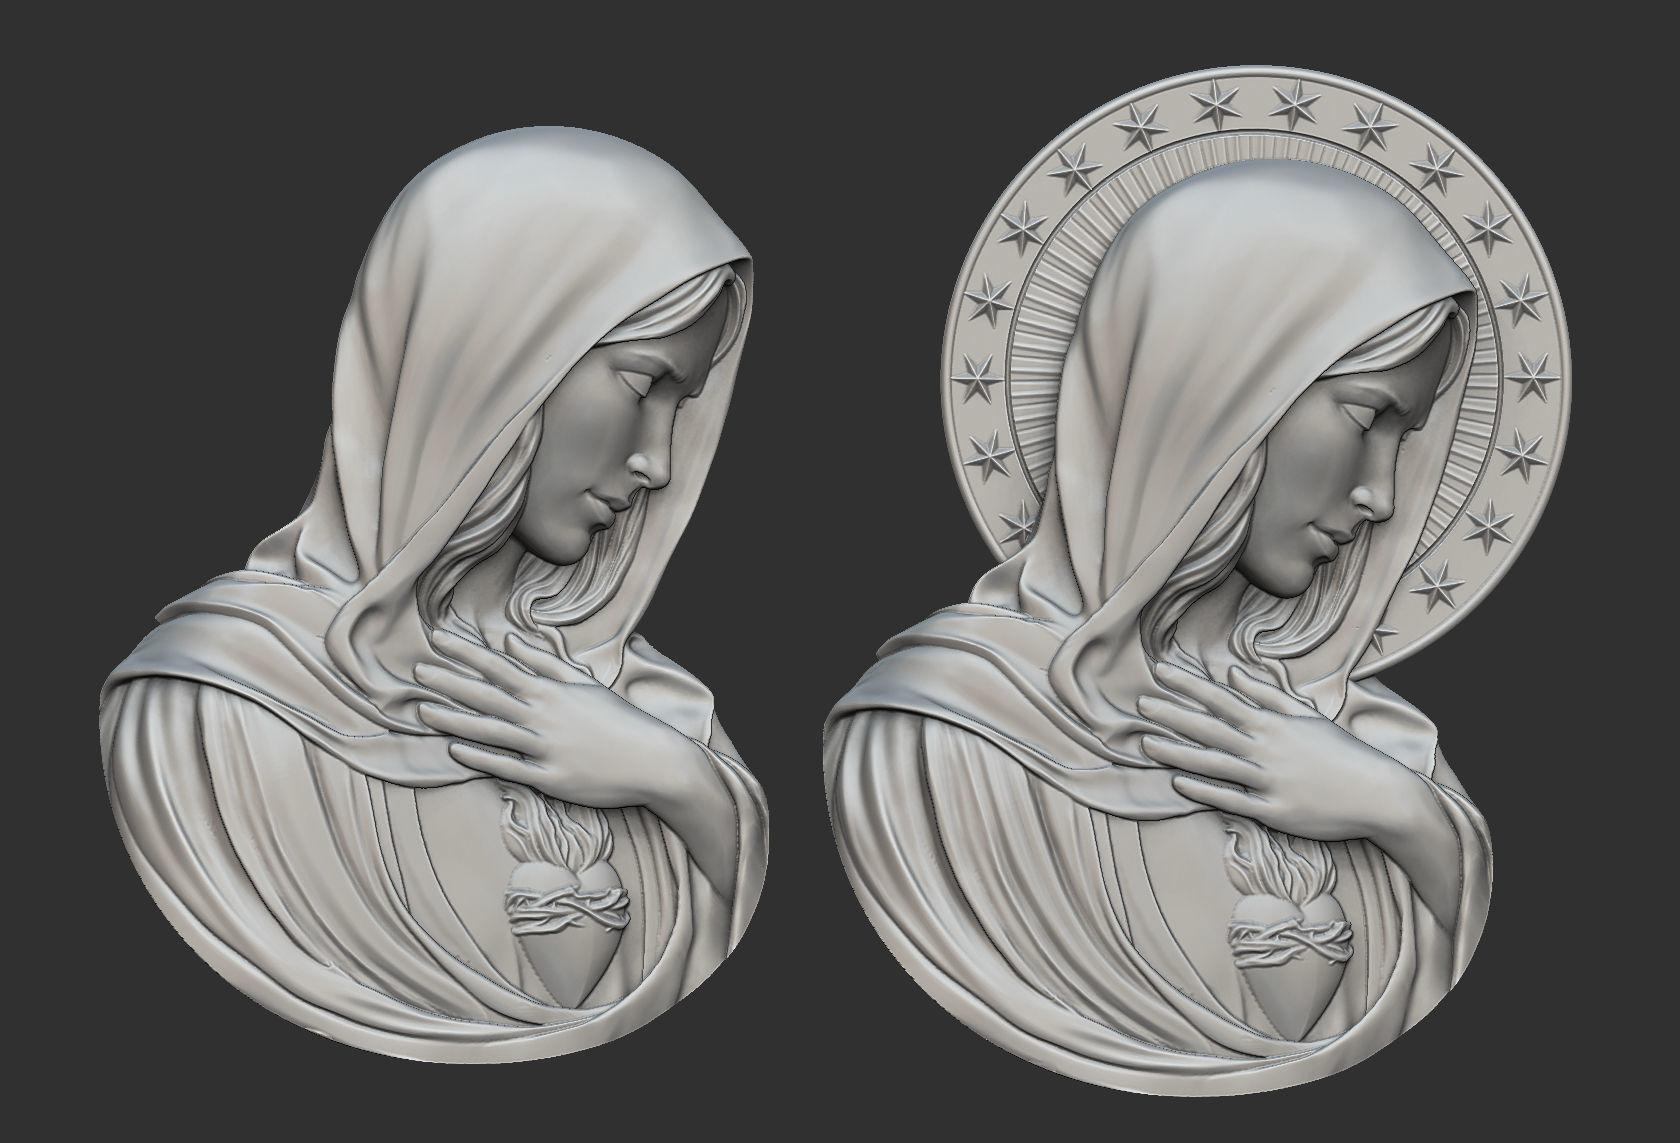 Virgin mary with sacred heart pendant 3d printable model virgin mary with sacred heart pendant 3d model obj stl 1 aloadofball Images